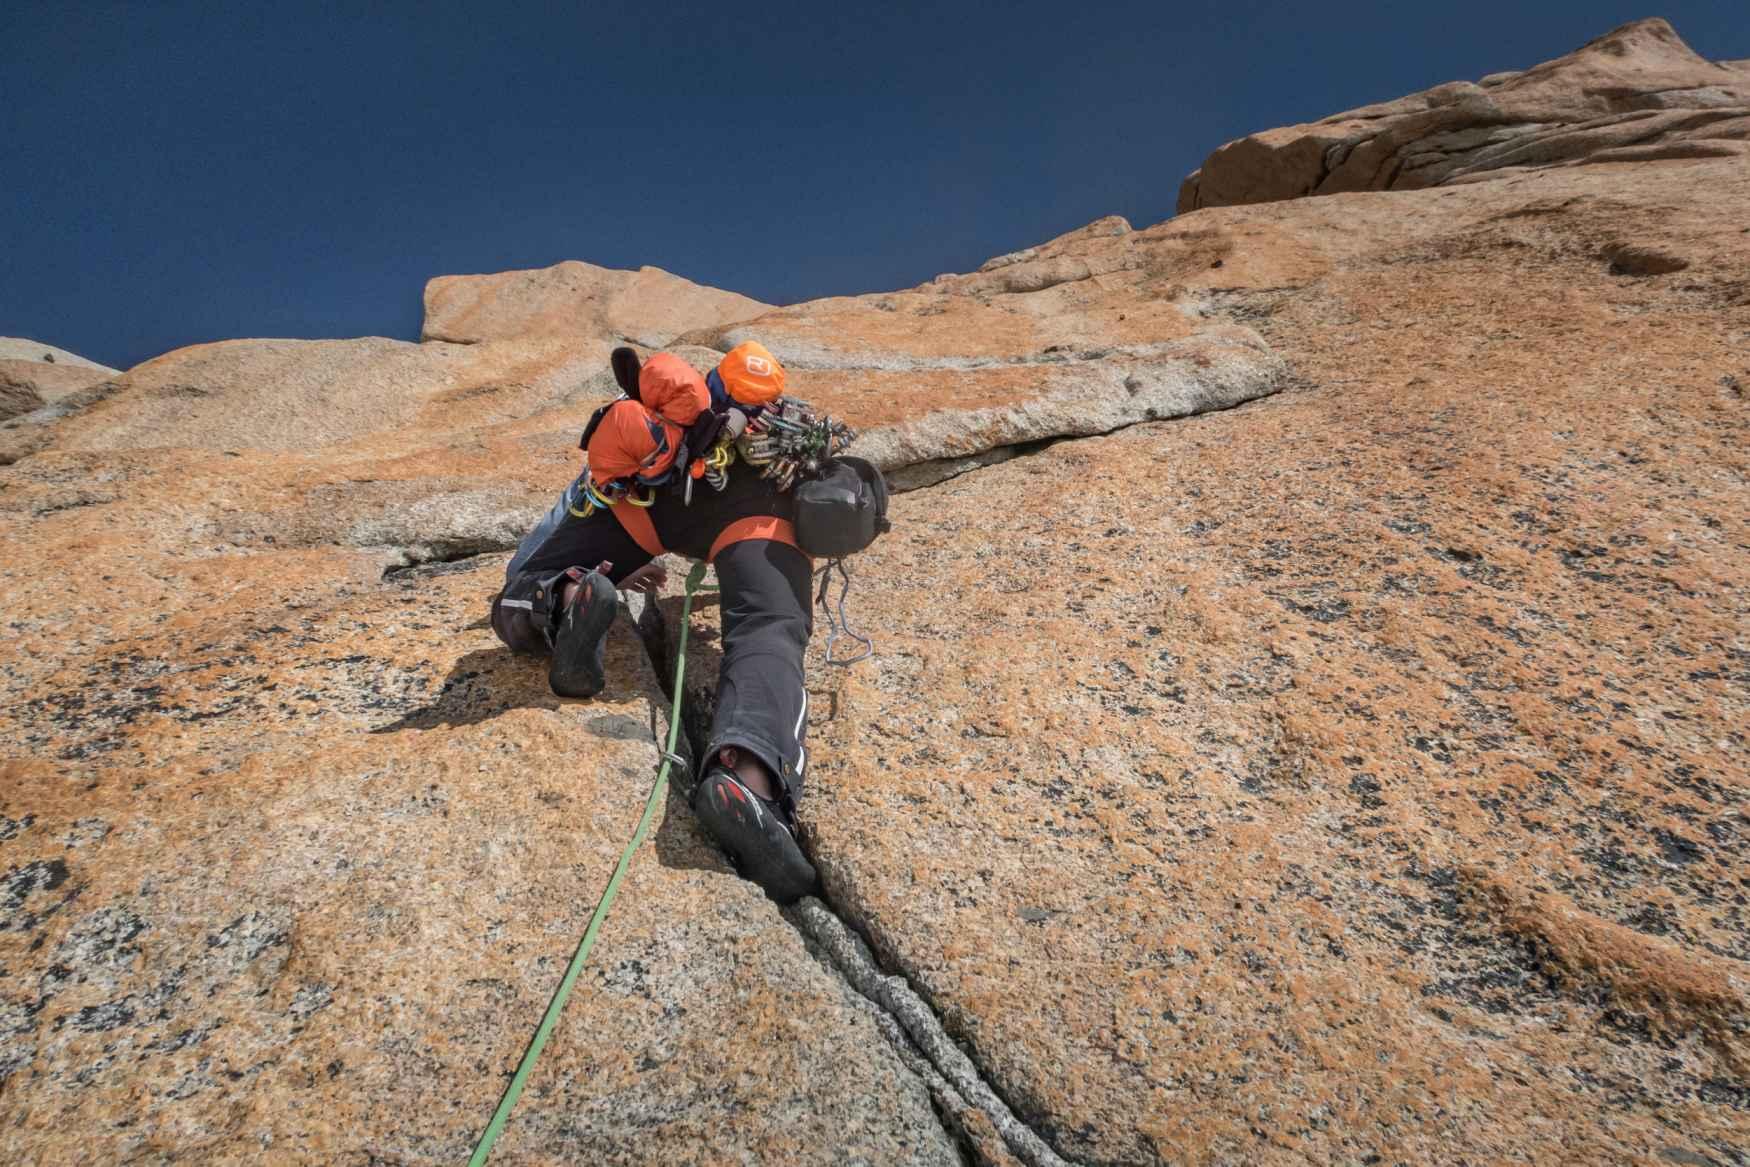 Wer beim Klettern ohne Seil und Gurt unterwegs sein möchte, braucht das richtige Hand- beziehungsweise Fußwerkzeug. Mit dem X-Boulder ist LOWA ein Schuh gelungen, der sowohl Boulderfans als auch ambitionierte Open-Air Kletterer überzeugt. Allein das Tragegefühl des Mikrofaser-Schafts mit Air-System Lochung bringt ordentliche Belüftung für die Füße. Für eine optimale Kraftübertragung und hohe Sensibilität für den jeweiligen Untergrund kommt beim X-BOULDER die etwas steifere Sohle aus Vibram® XS-Grip® zum Einsatz.